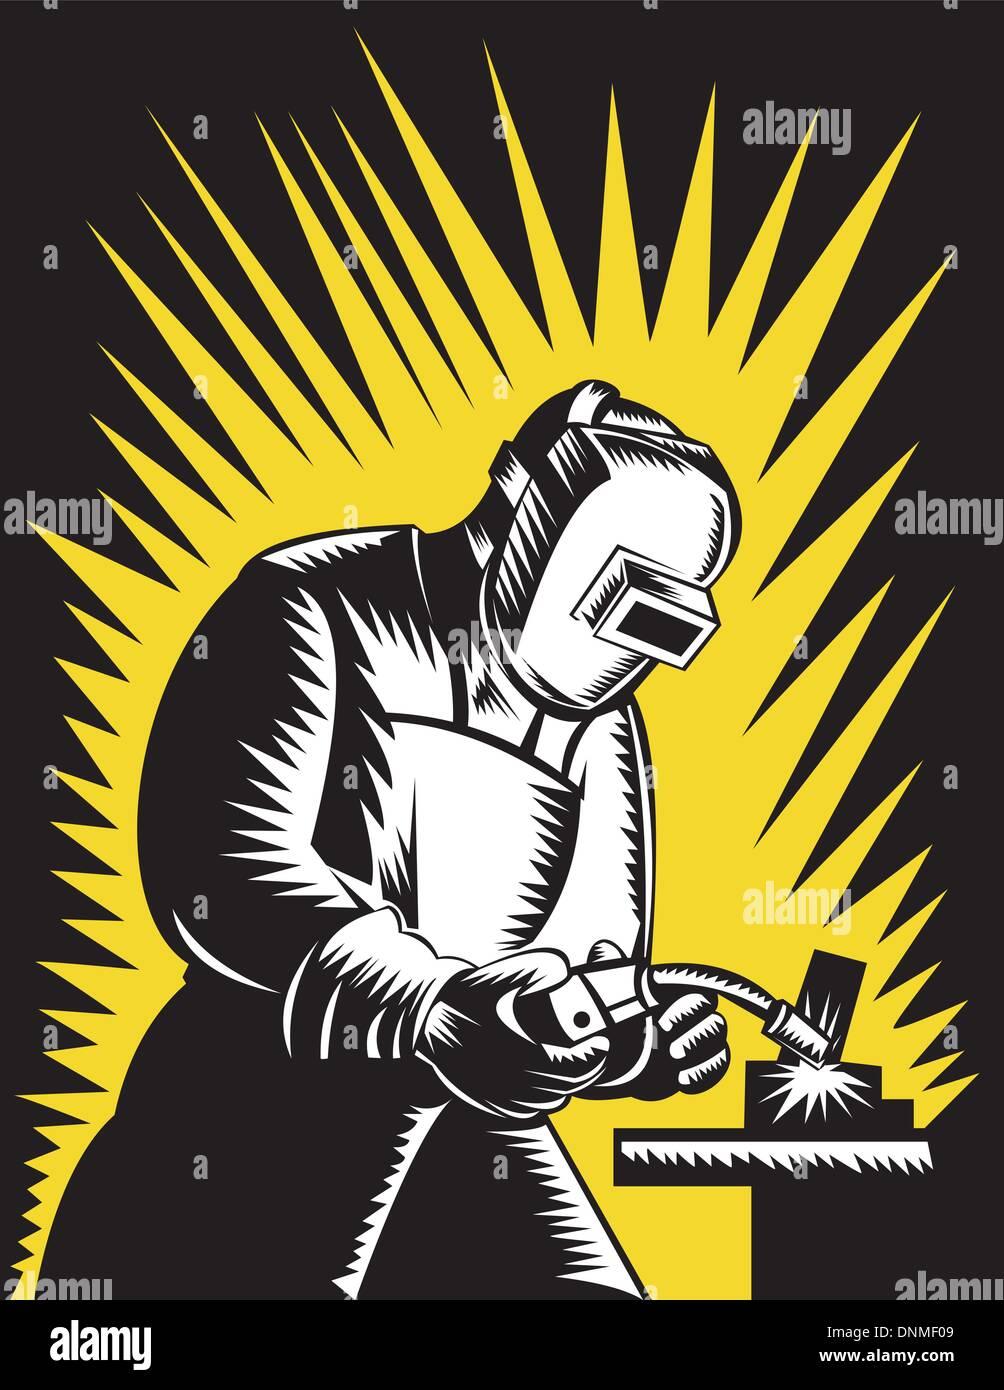 Illustration d'un serrurier soudeur soudage à l'aide d'un chalumeau et visor fait en rétro style gravure sur bois. Illustration de Vecteur